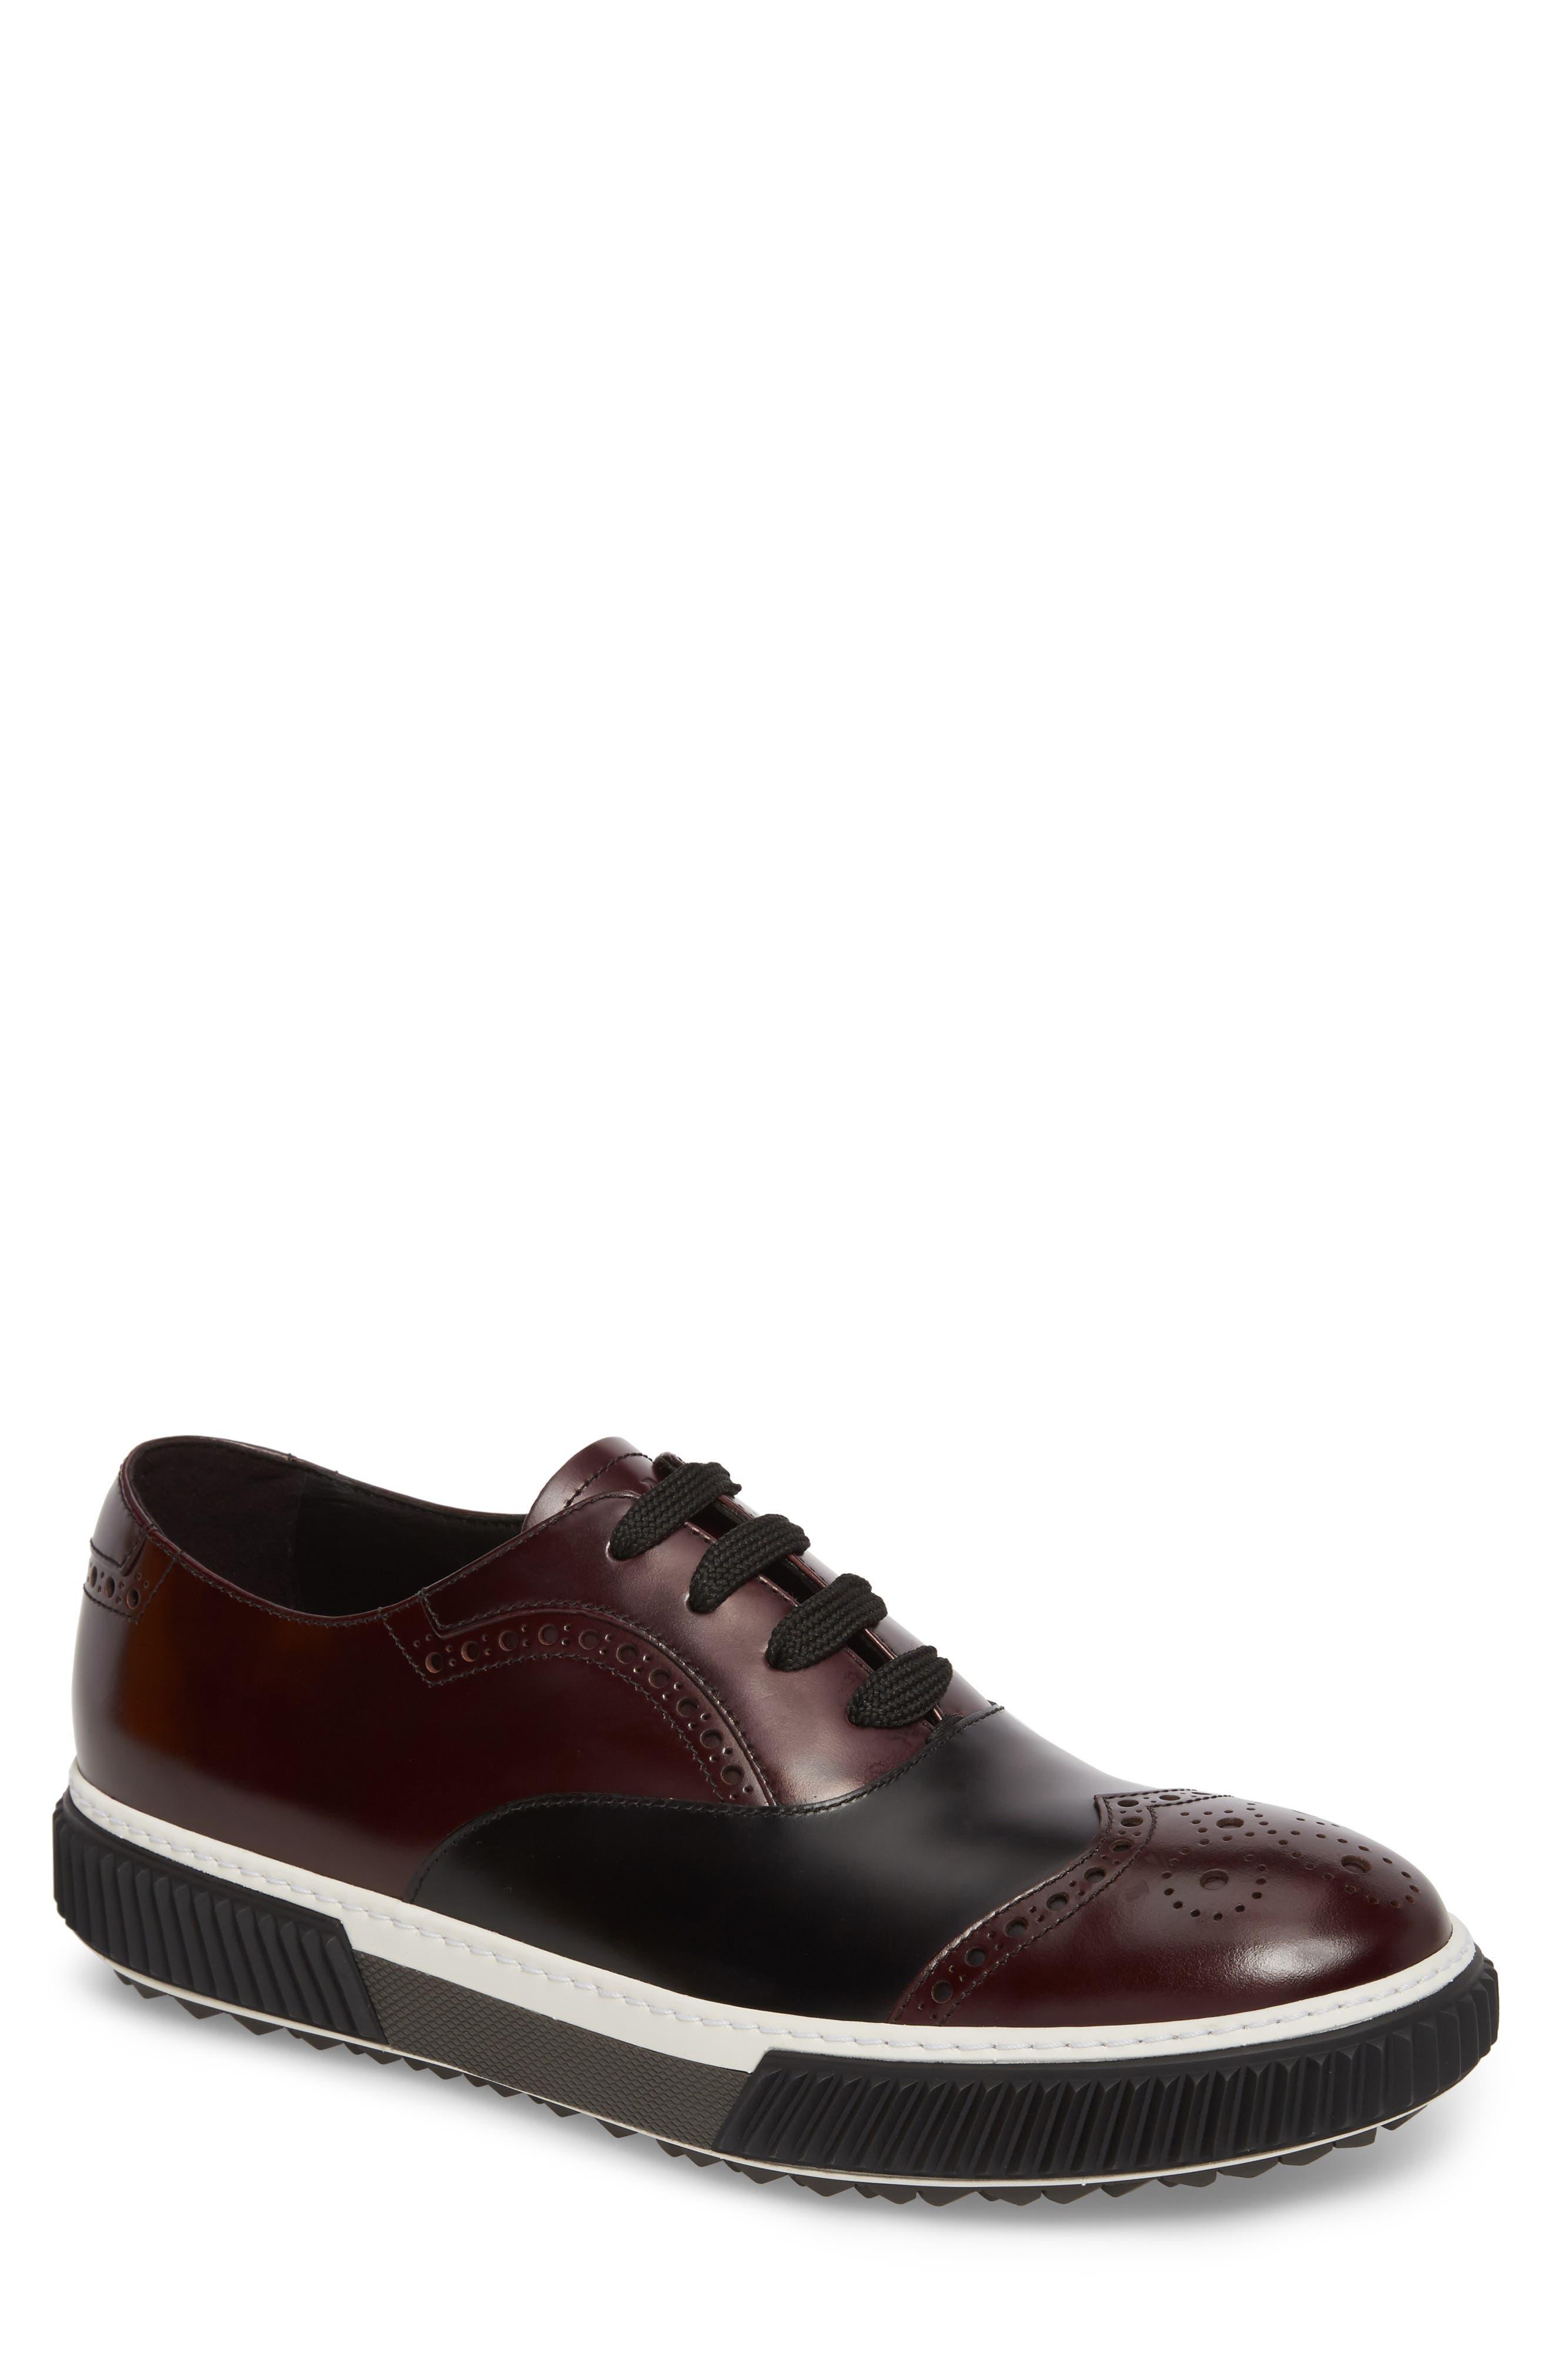 Linea Rossa Wingtip Sneaker,                         Main,                         color, Cordovan Nero